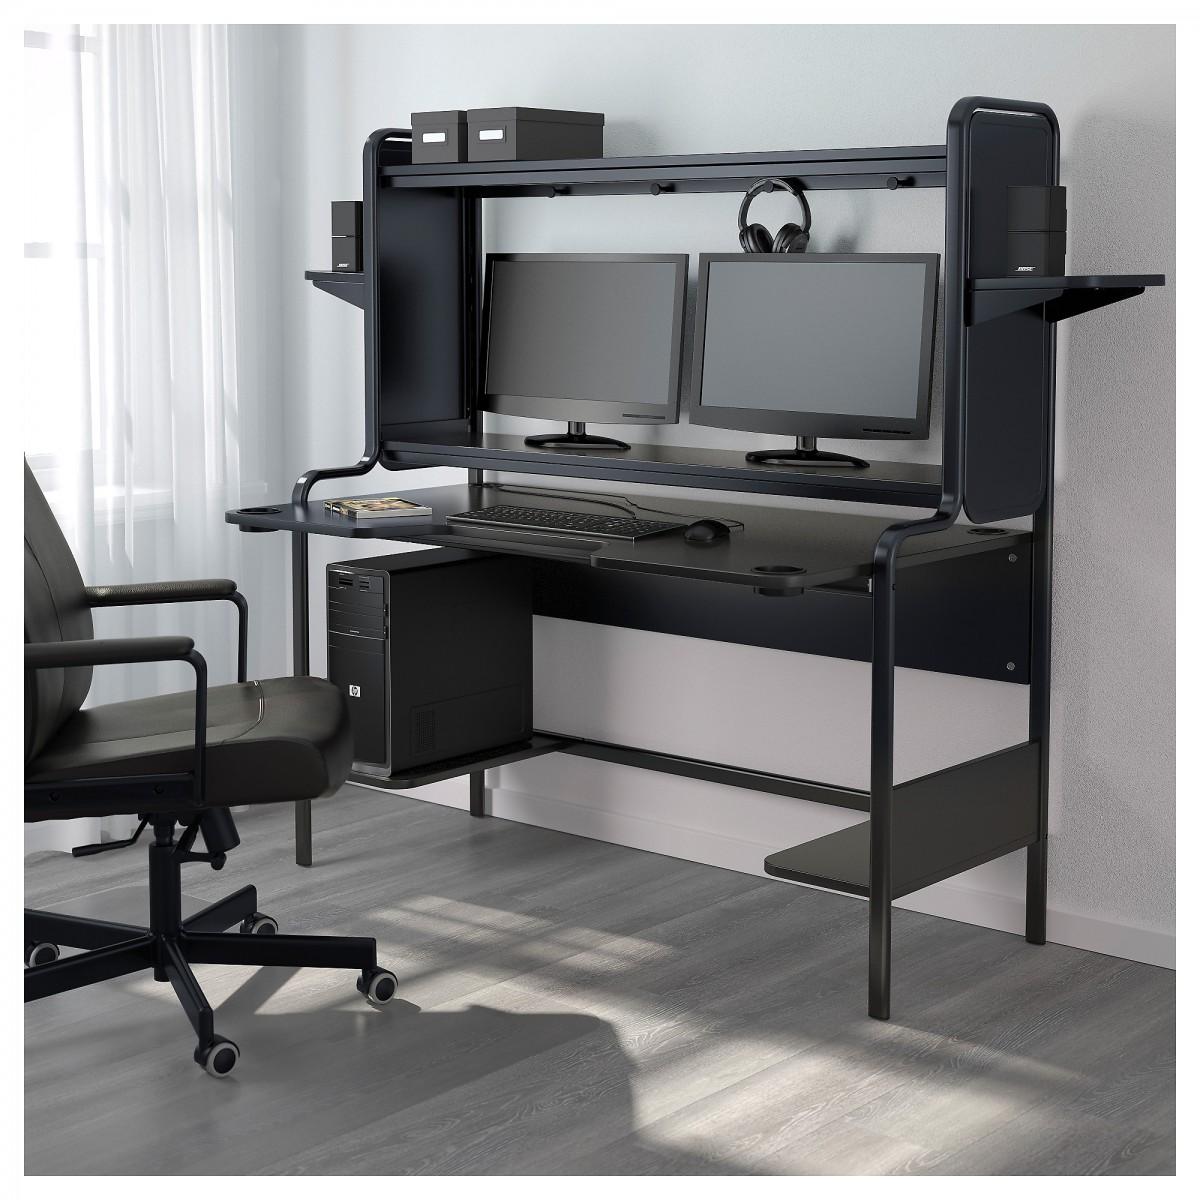 Mobiliario de oficina Ikea - modelo Frede